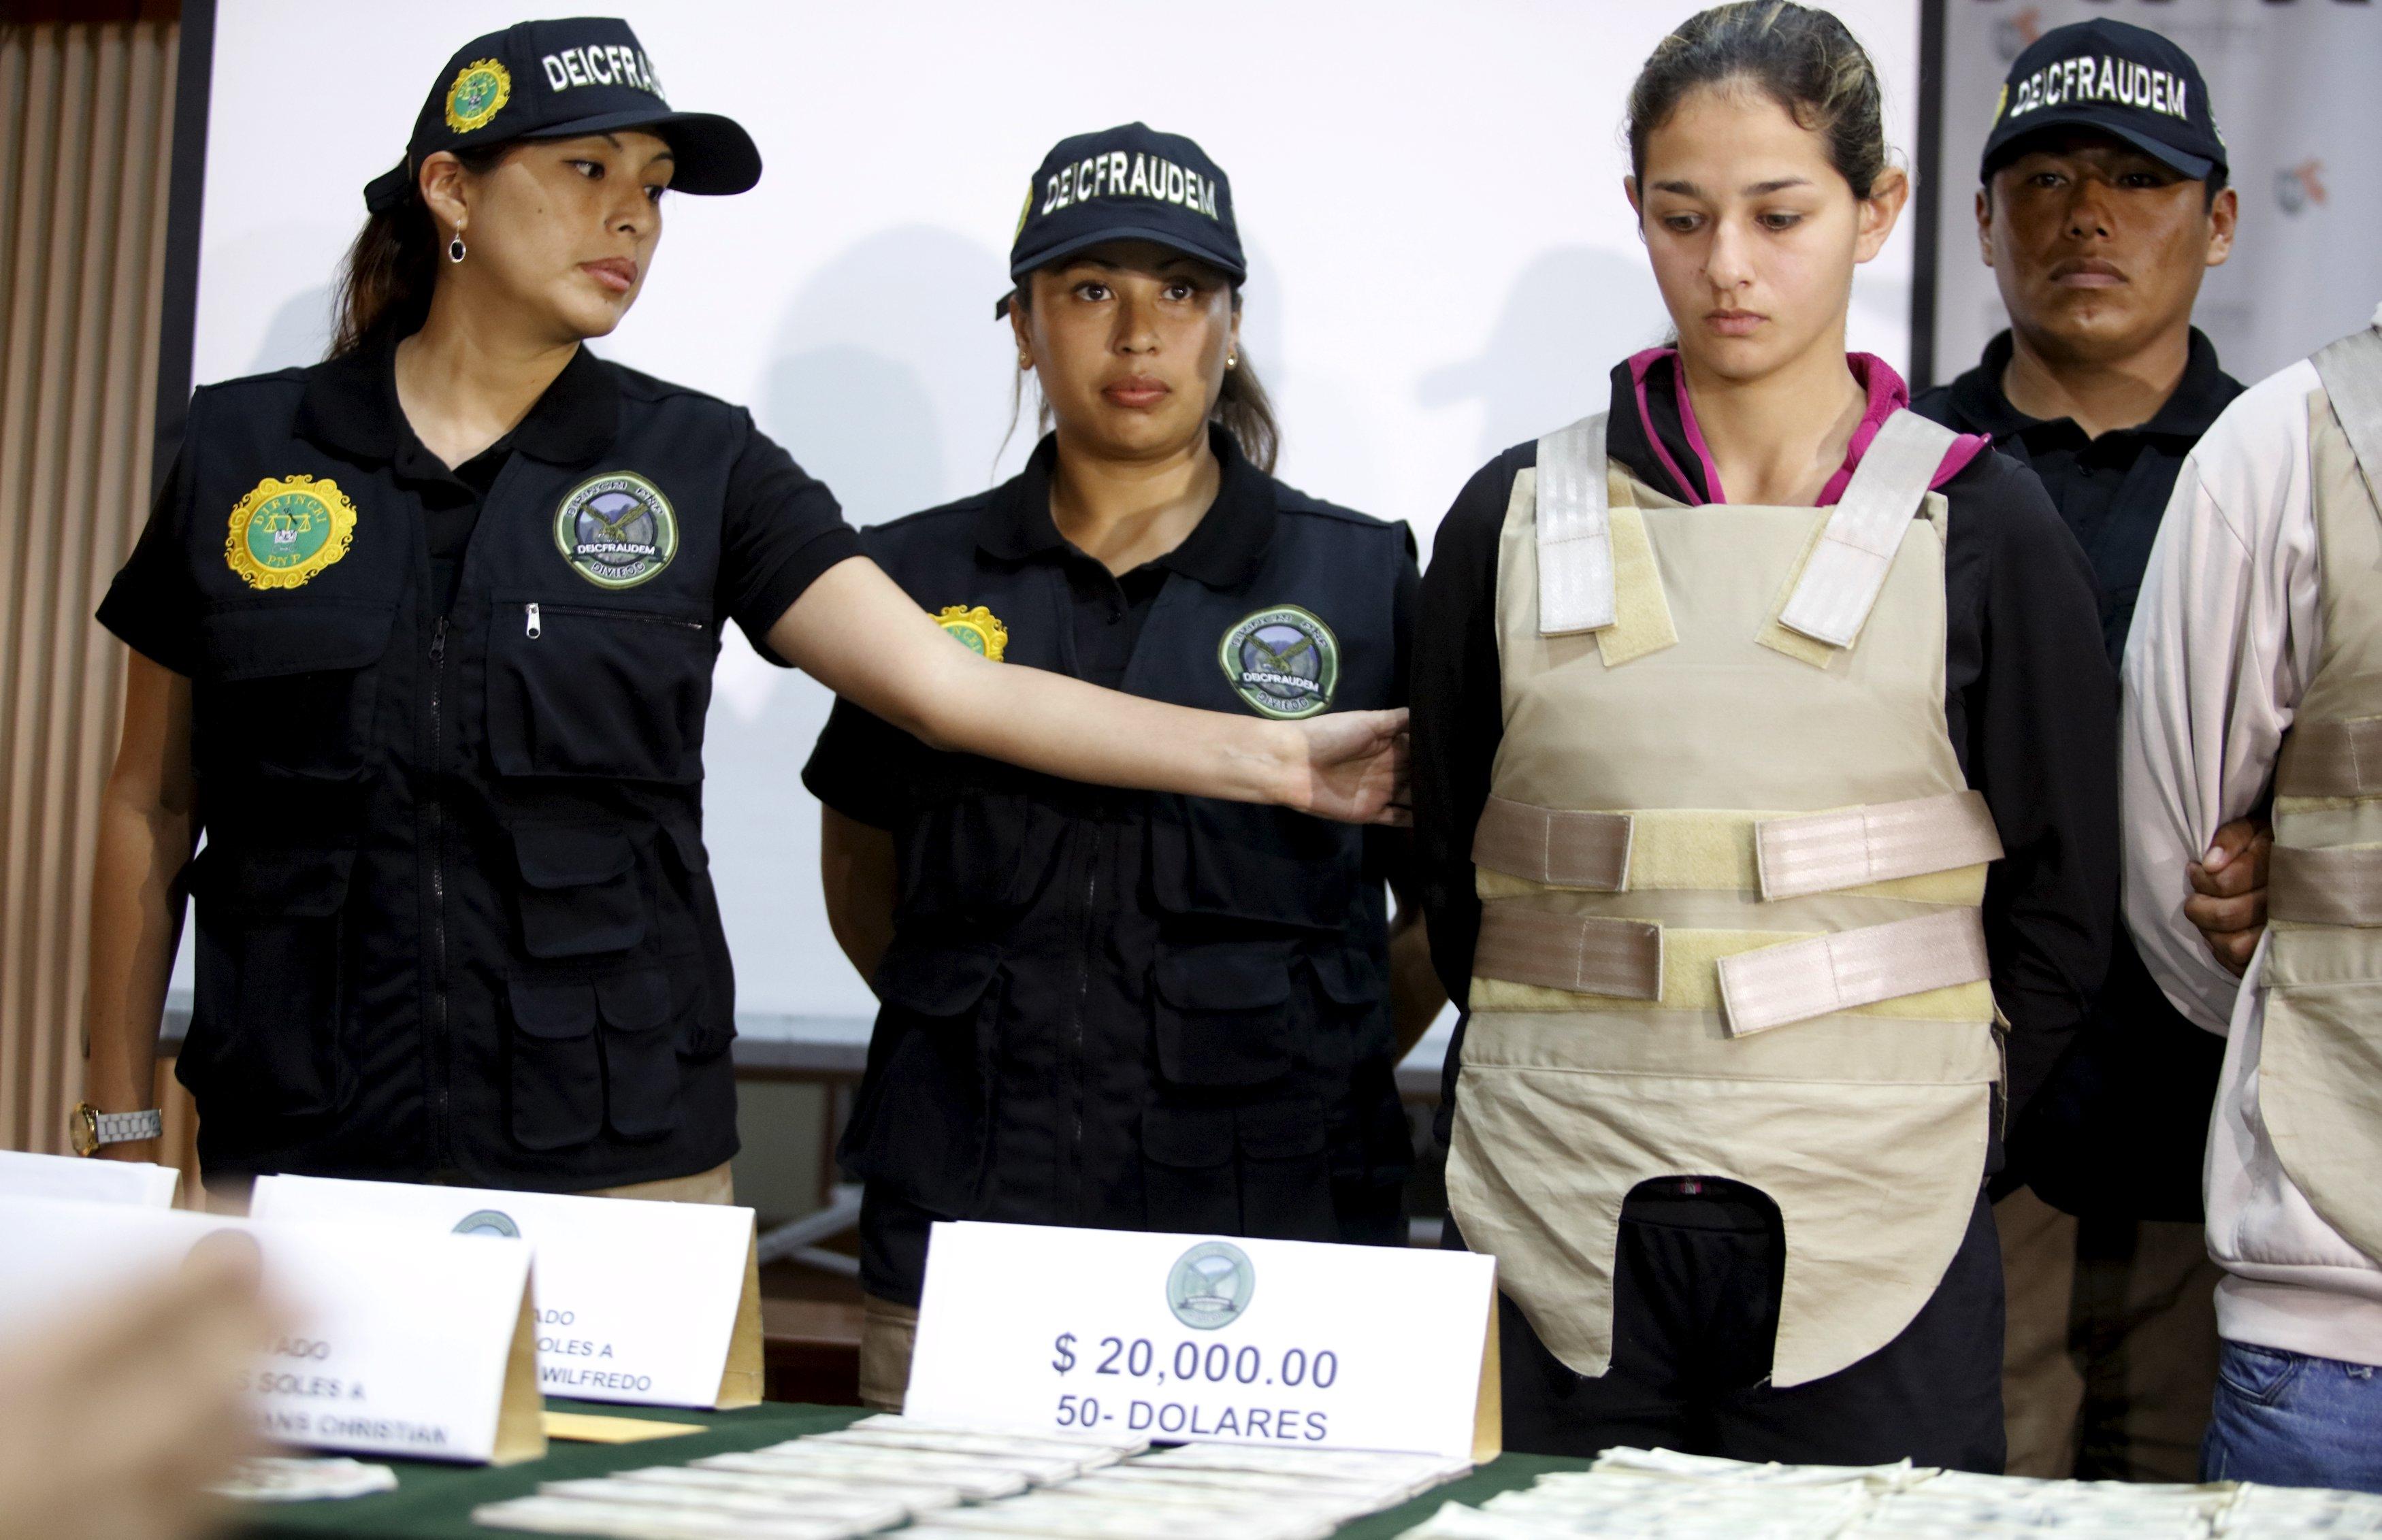 Petugas kepolisian menunjukkan Isabel Mendoza Poma (kanan), yang tertangkap saat polisi menyita dolar AS palsu, dalam konferensi pers di Lima, Rabu (14/10). Polisi Nasional menyita dolar palsu senilai USD 836.000 yang dimasukkan ke dalam tas dan tas punggung dengan tujuan New York, Amerika Serikat, menurut keterangan siaran pers polisi. ANTARA FOTO/REUTERS/Guadalupe Pardo.